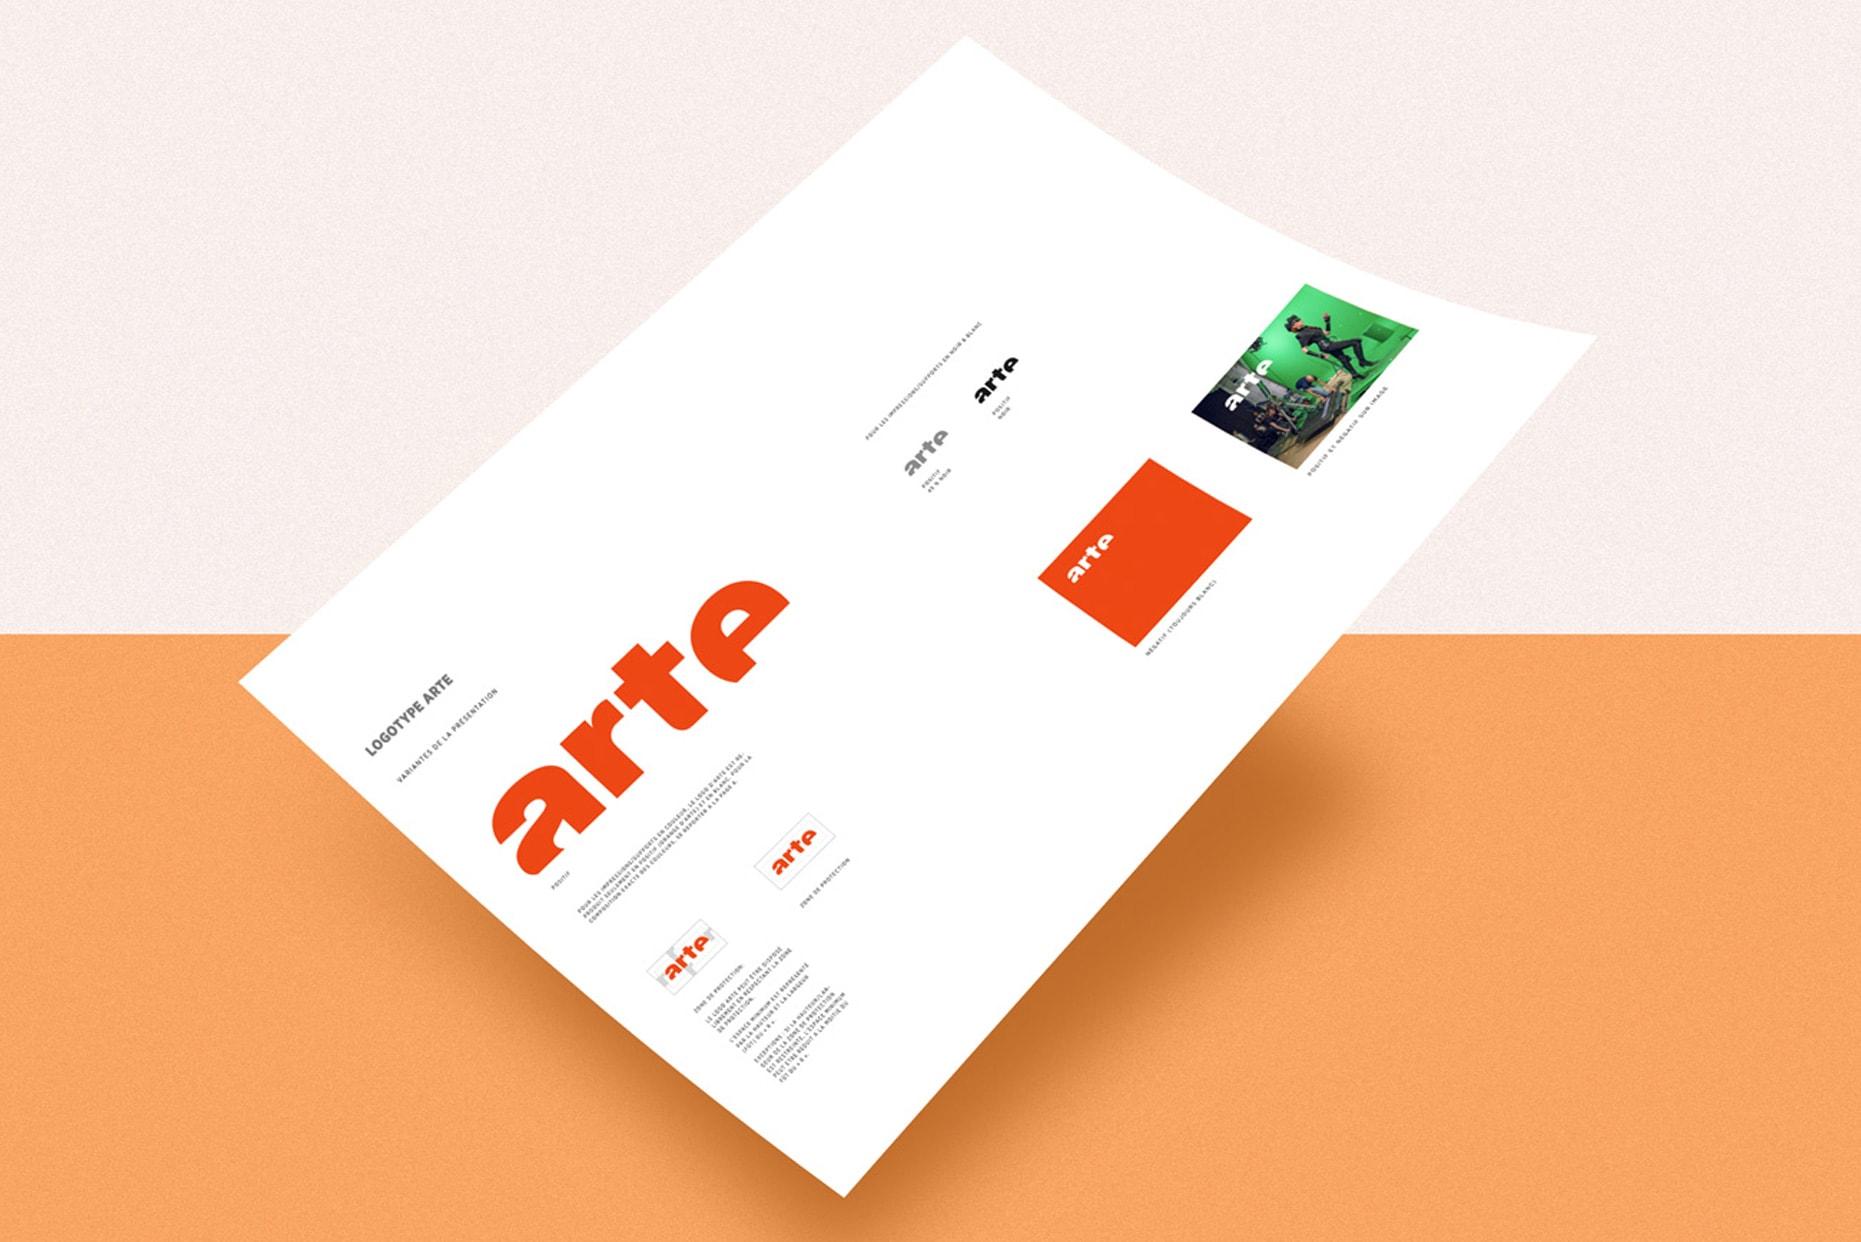 Visuel de la charte graphique d'ARTE montrant le logo et ses déclinaisons